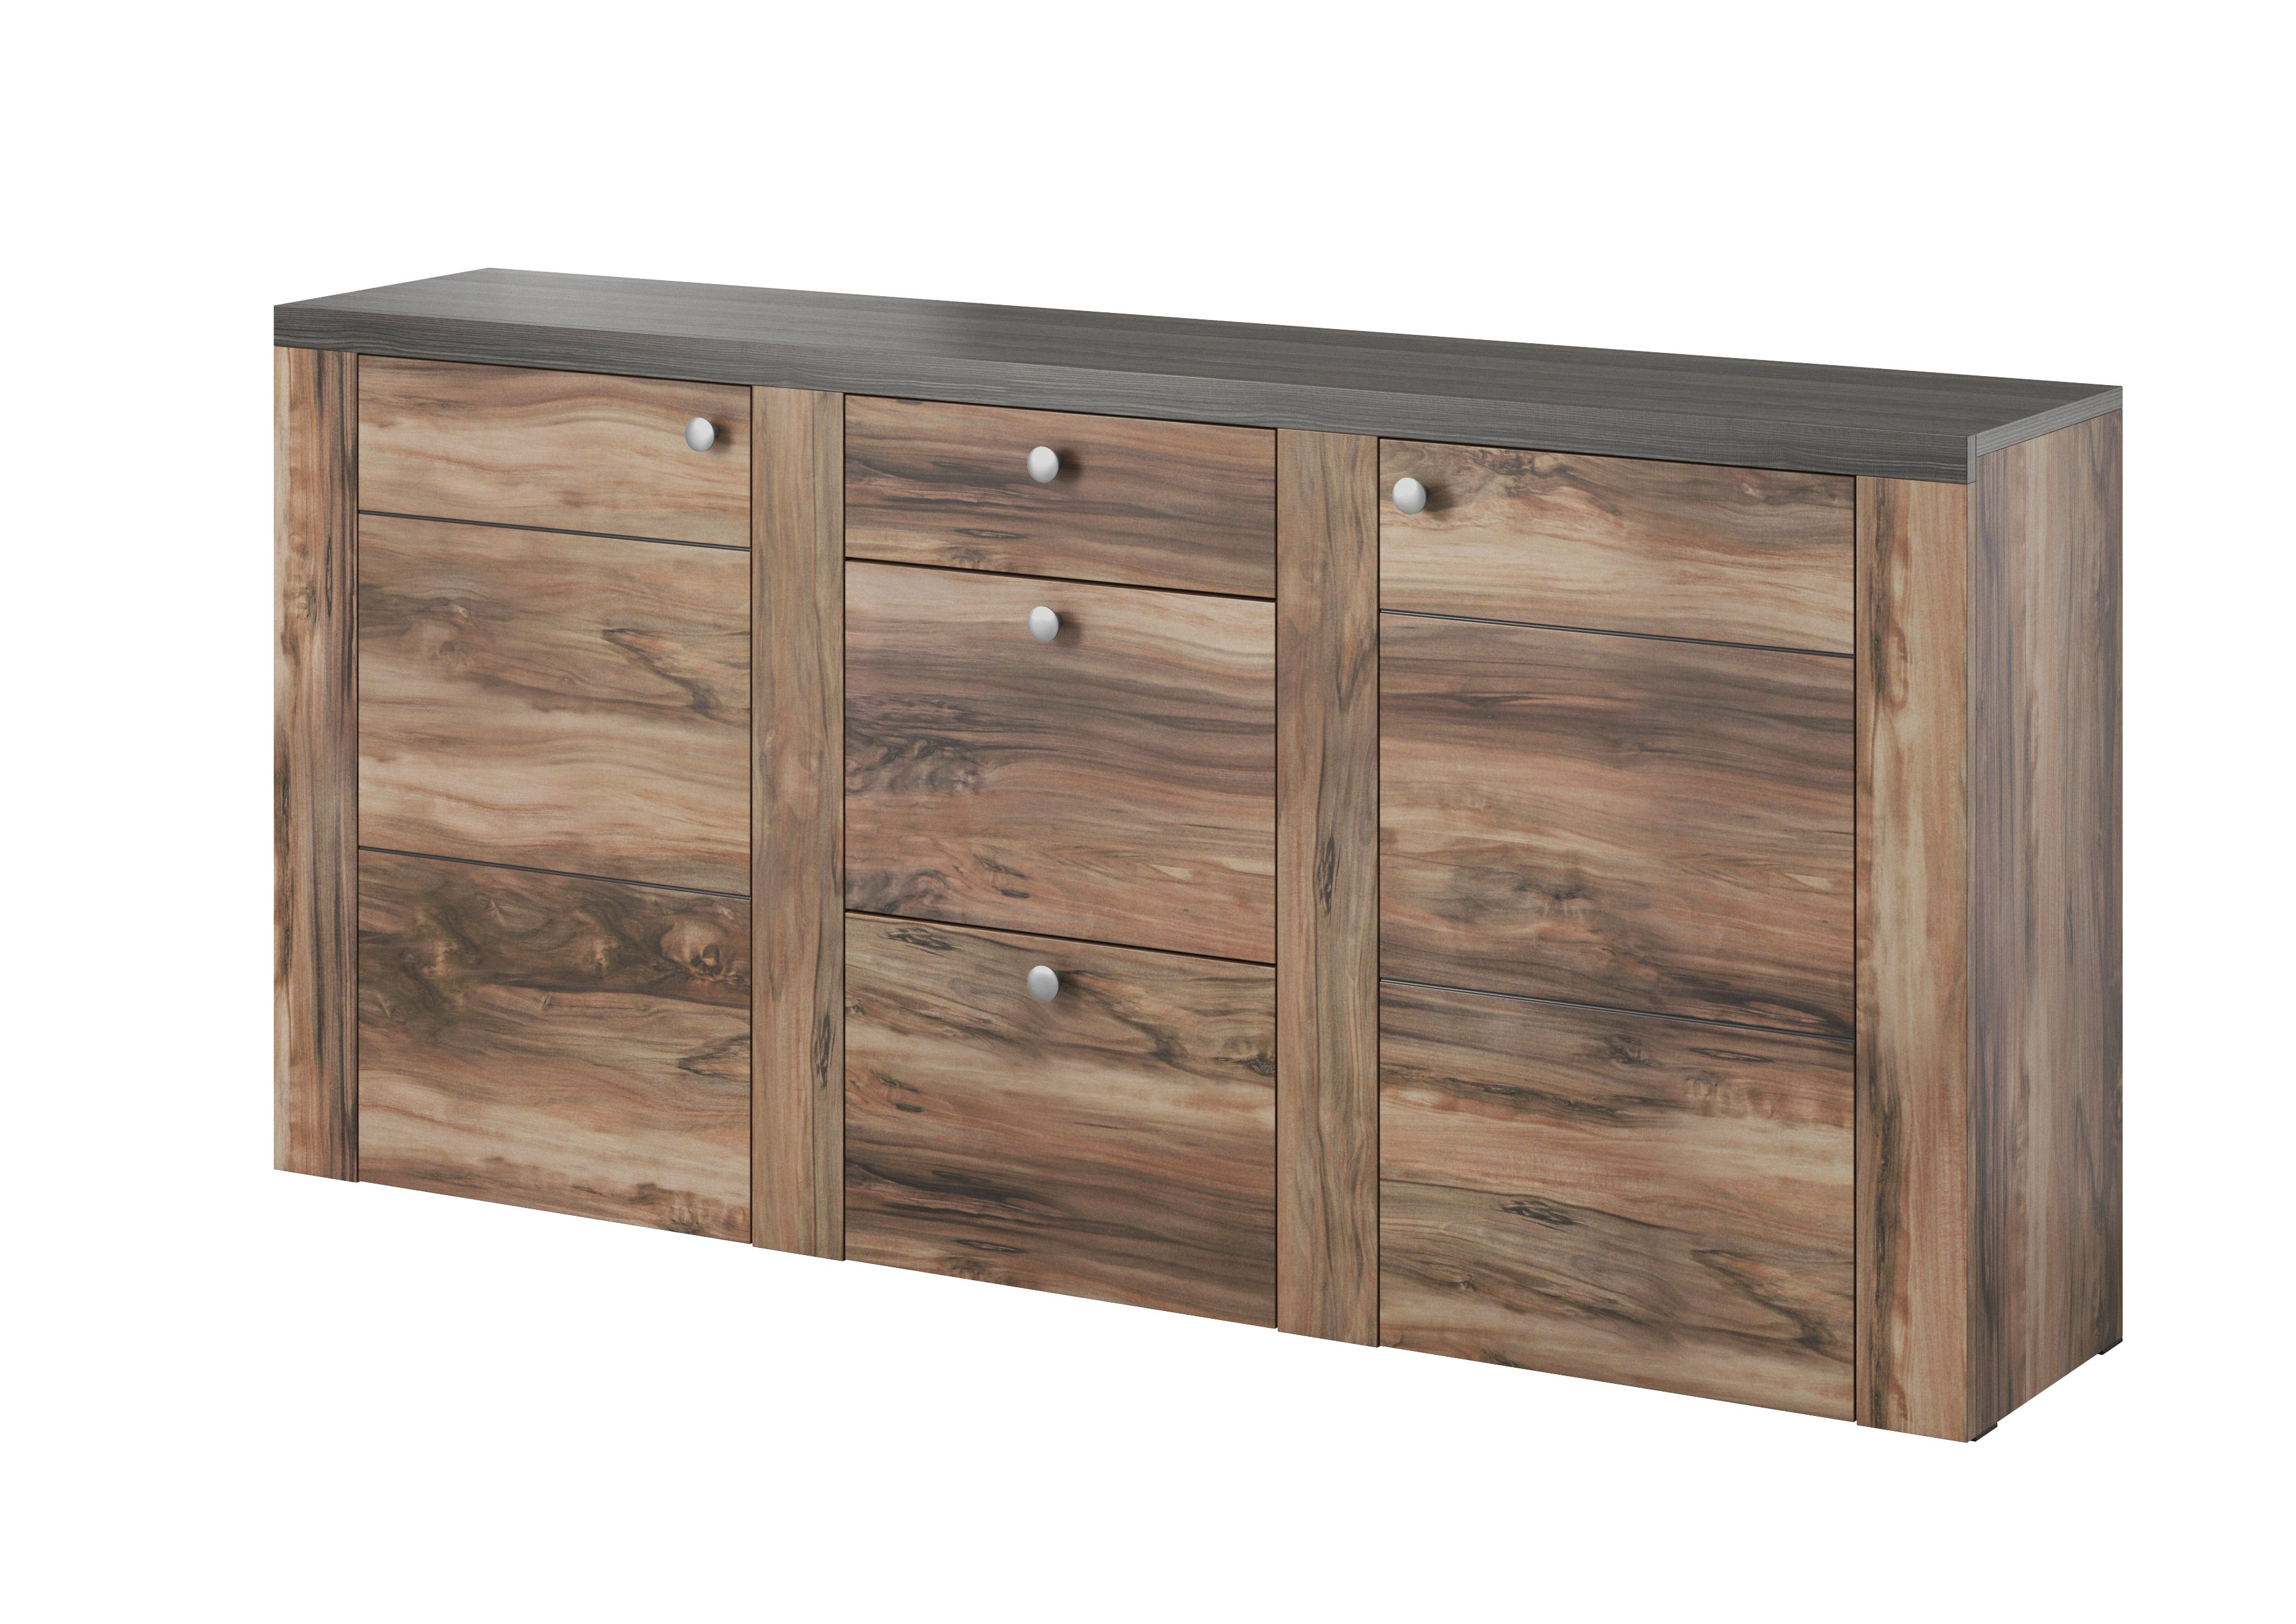 larona typ25 stand up dresser. Black Bedroom Furniture Sets. Home Design Ideas